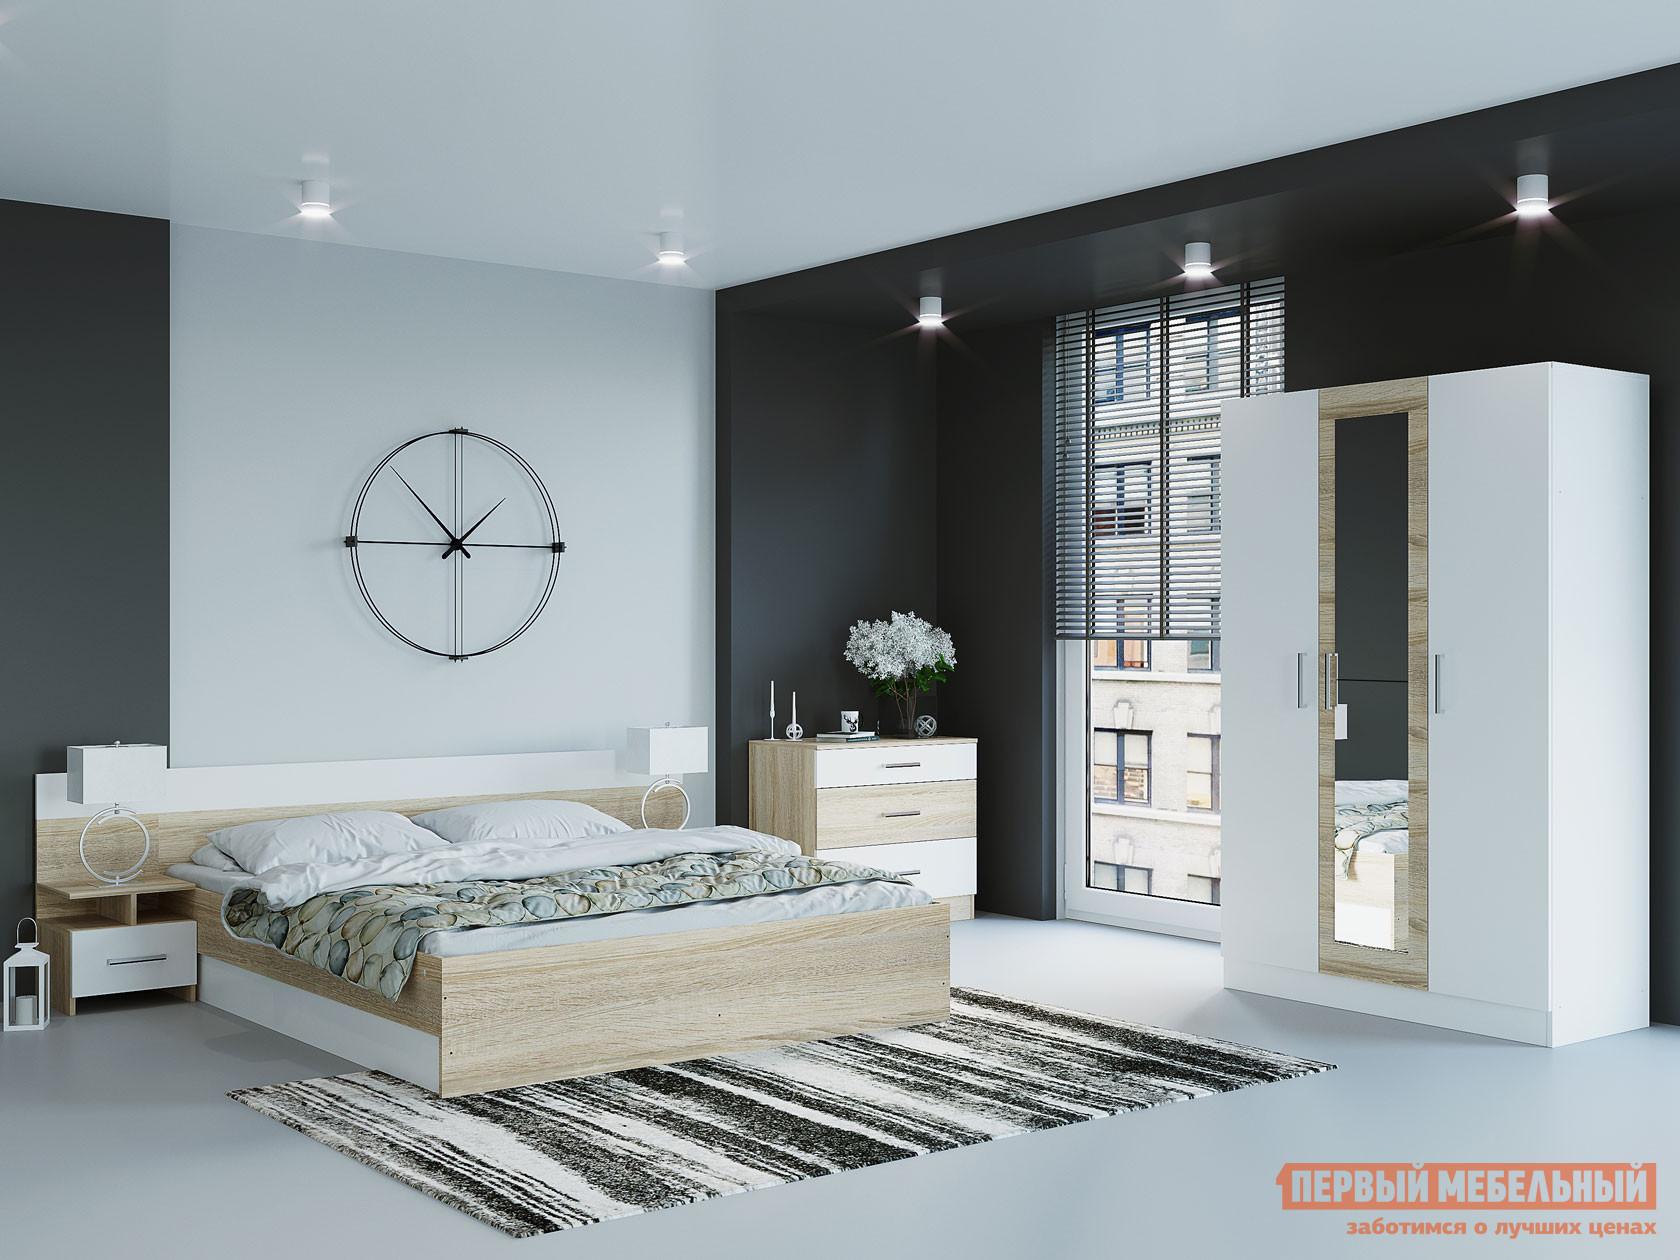 Спальный гарнитур Первый Мебельный Комплект мебели для спальни Леси К2 спальный гарнитур нк мебель комплект мебели для спальни тиберия к2